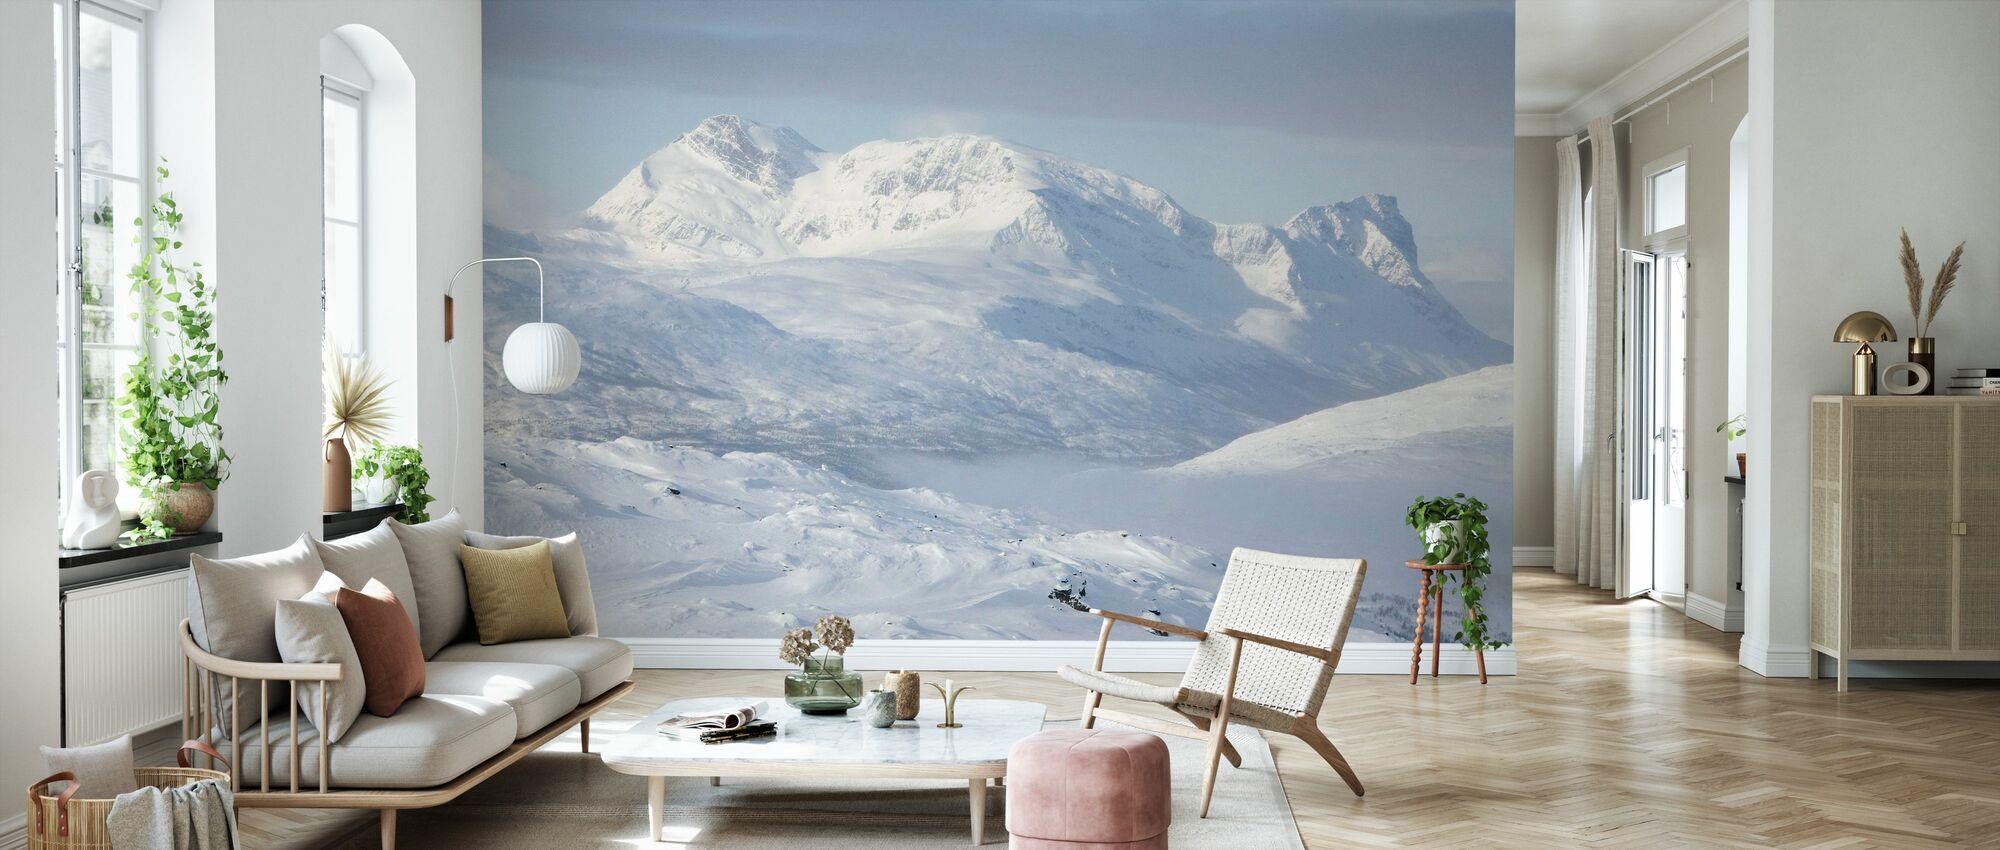 Snødekte Fjell i Lappland, Sverige - Tapet - Stue